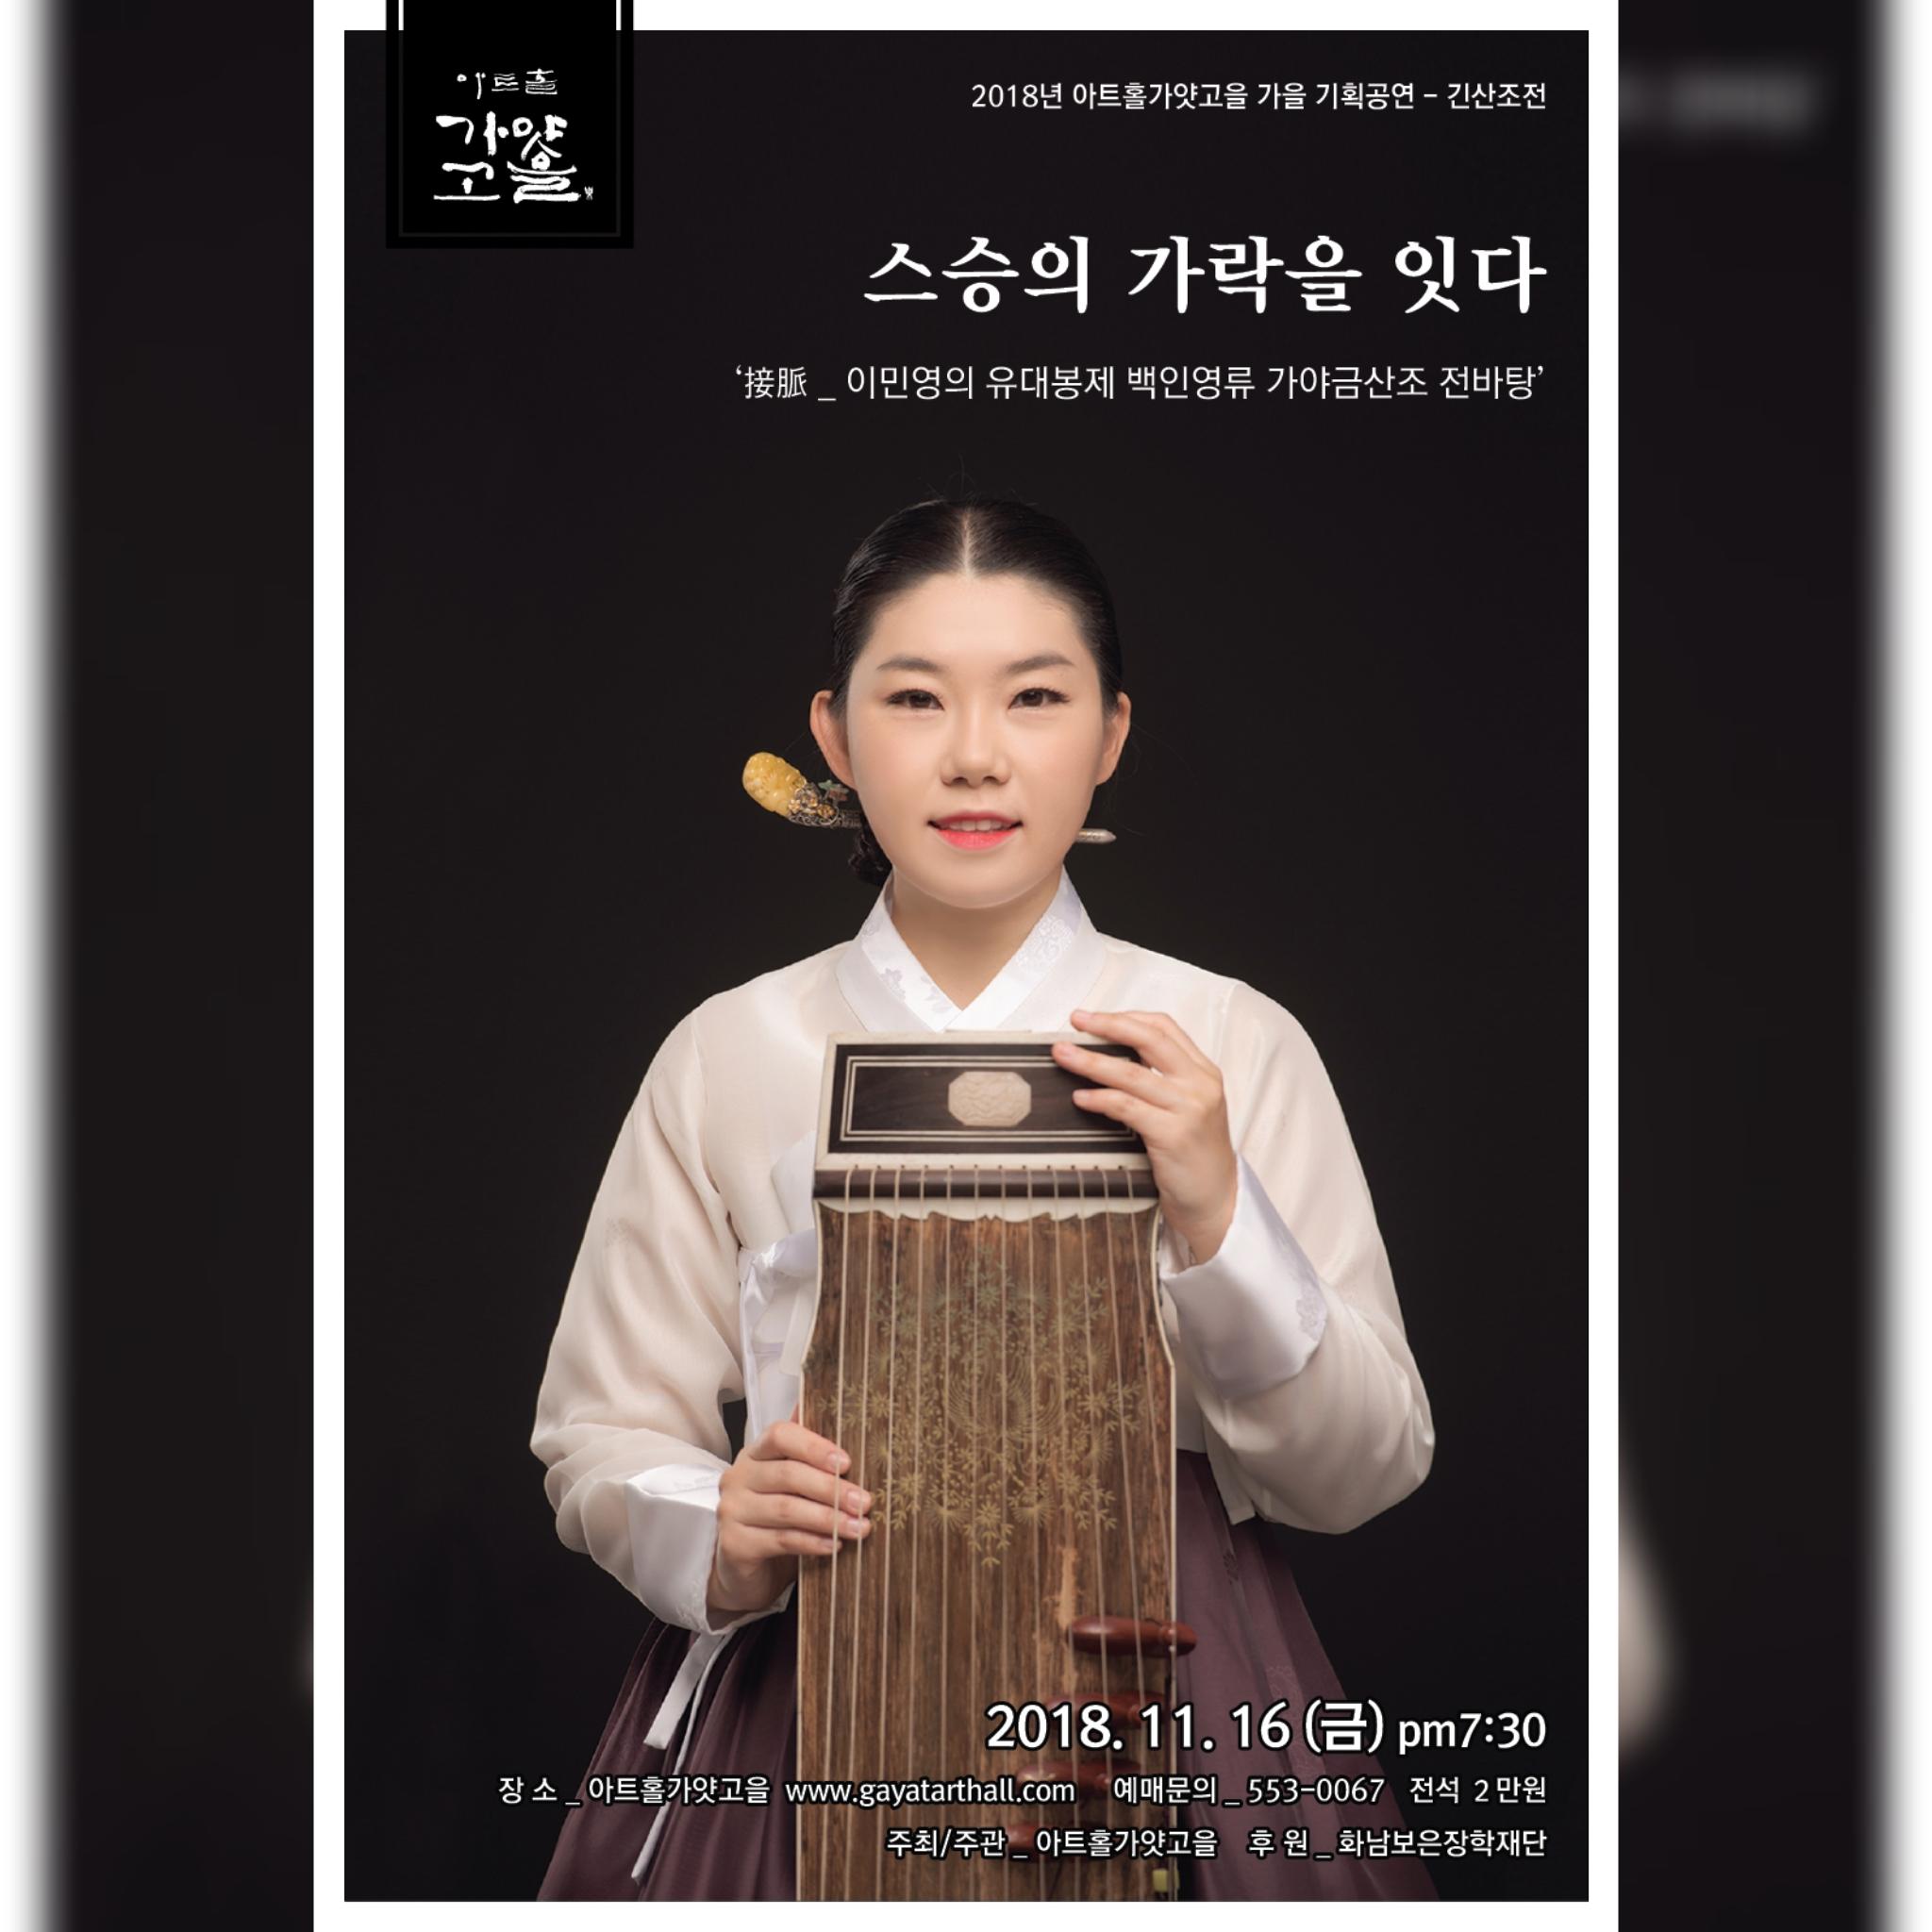 2018 아트홀가얏고을 가을시즌 기획공연 긴산조전 - 스승의 가락을 잇다